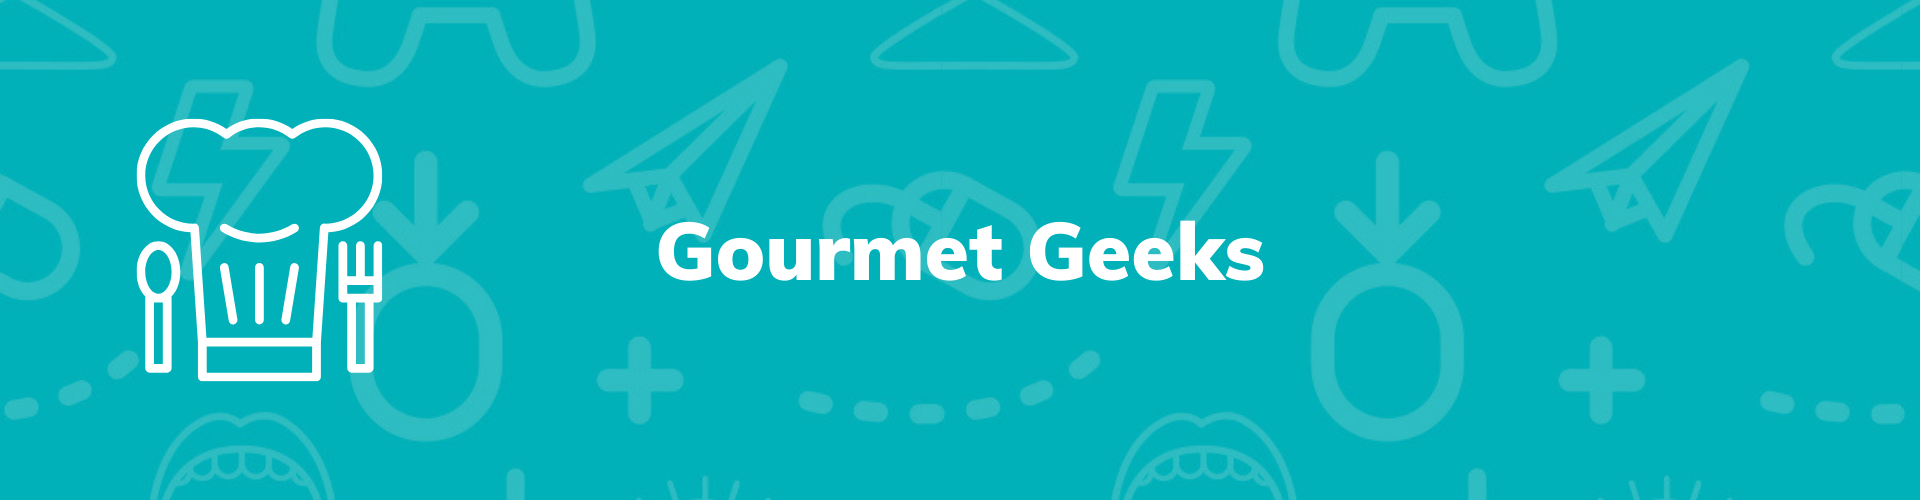 Gourmet Geeks